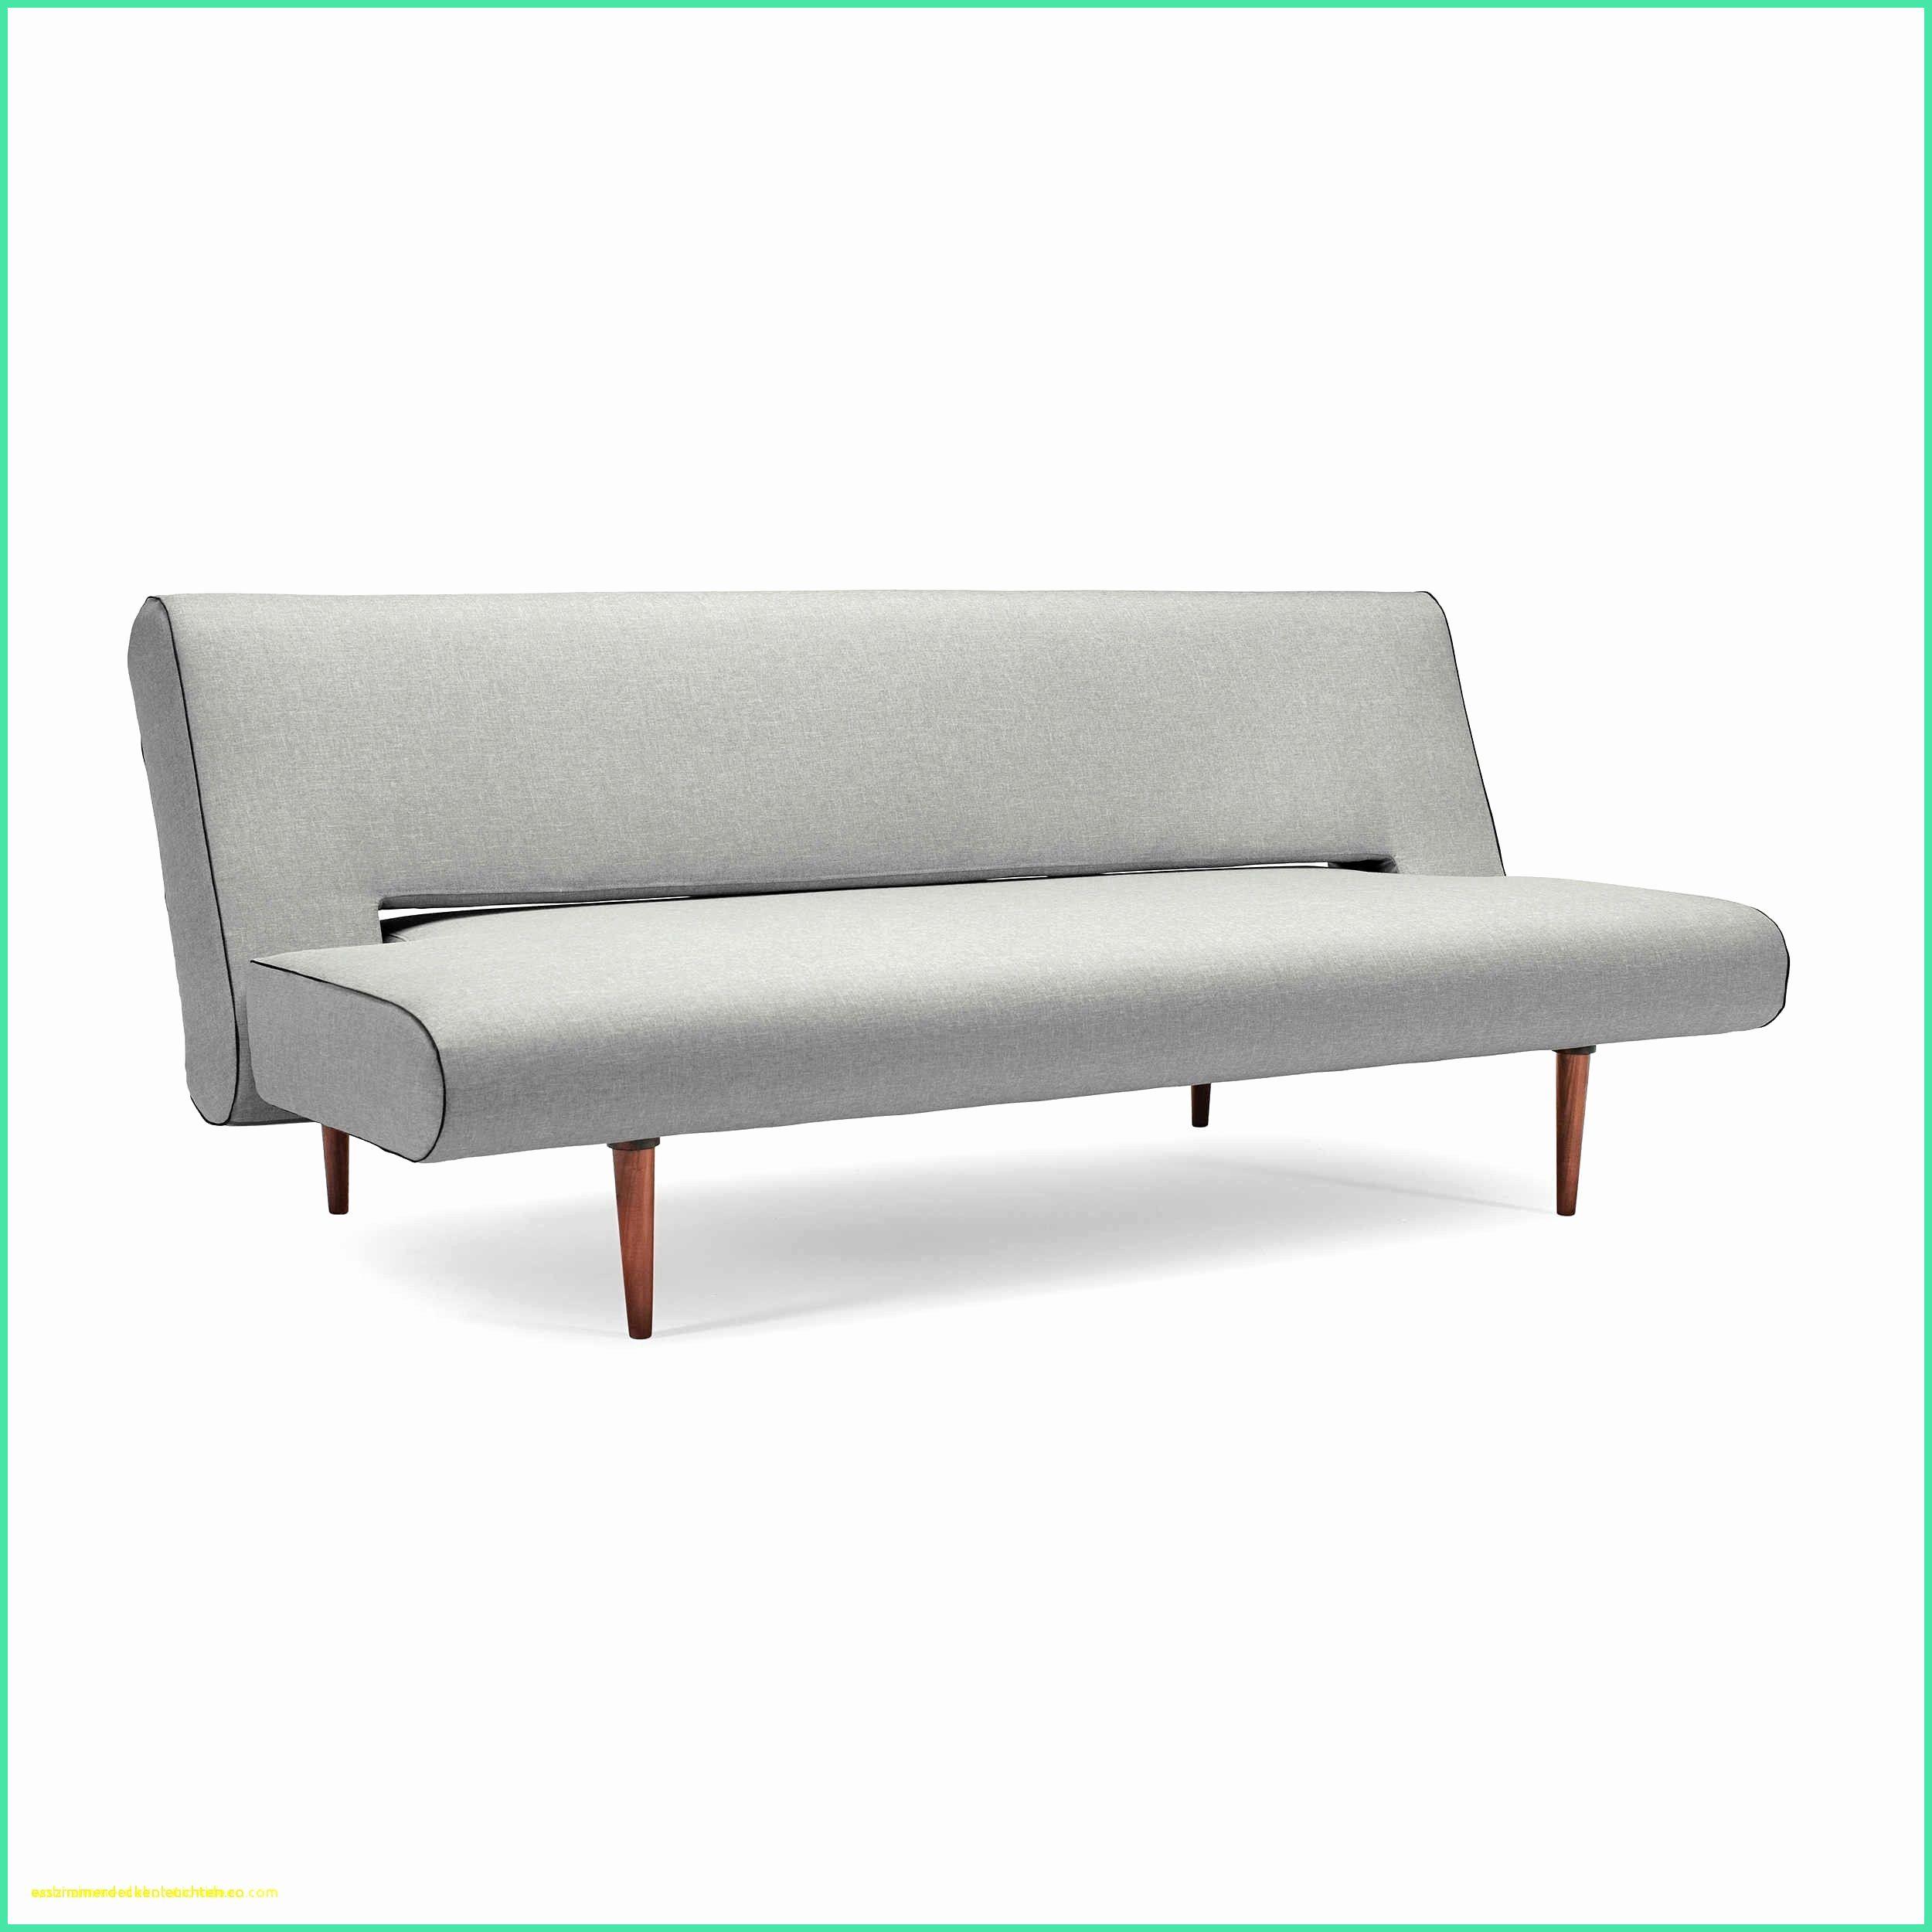 Schlafsofa 120 Cm Breit Einzigartig Sofa 200 Cm Breit Beste Bett